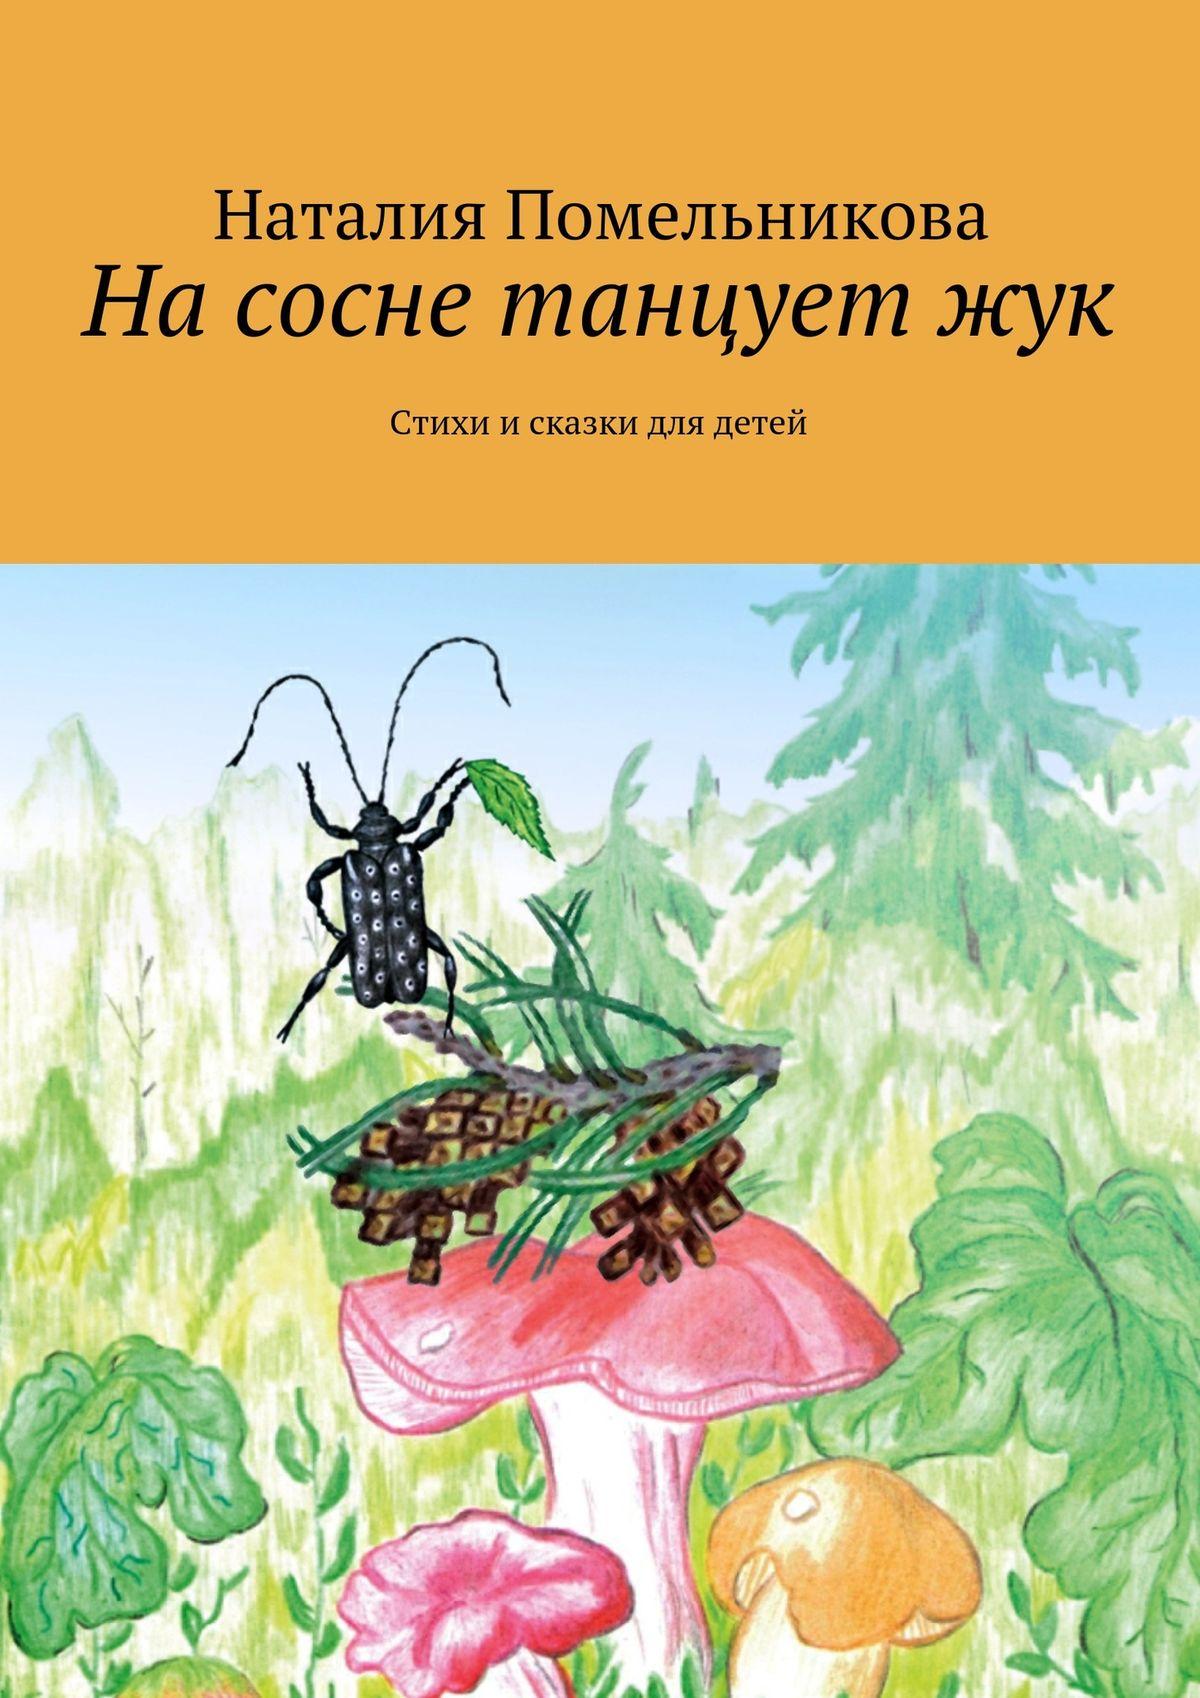 Наталия Помельникова На сосне танцует жук. Стихи исказки для детей наталия помельникова на сосне танцует жук стихи исказки для детей